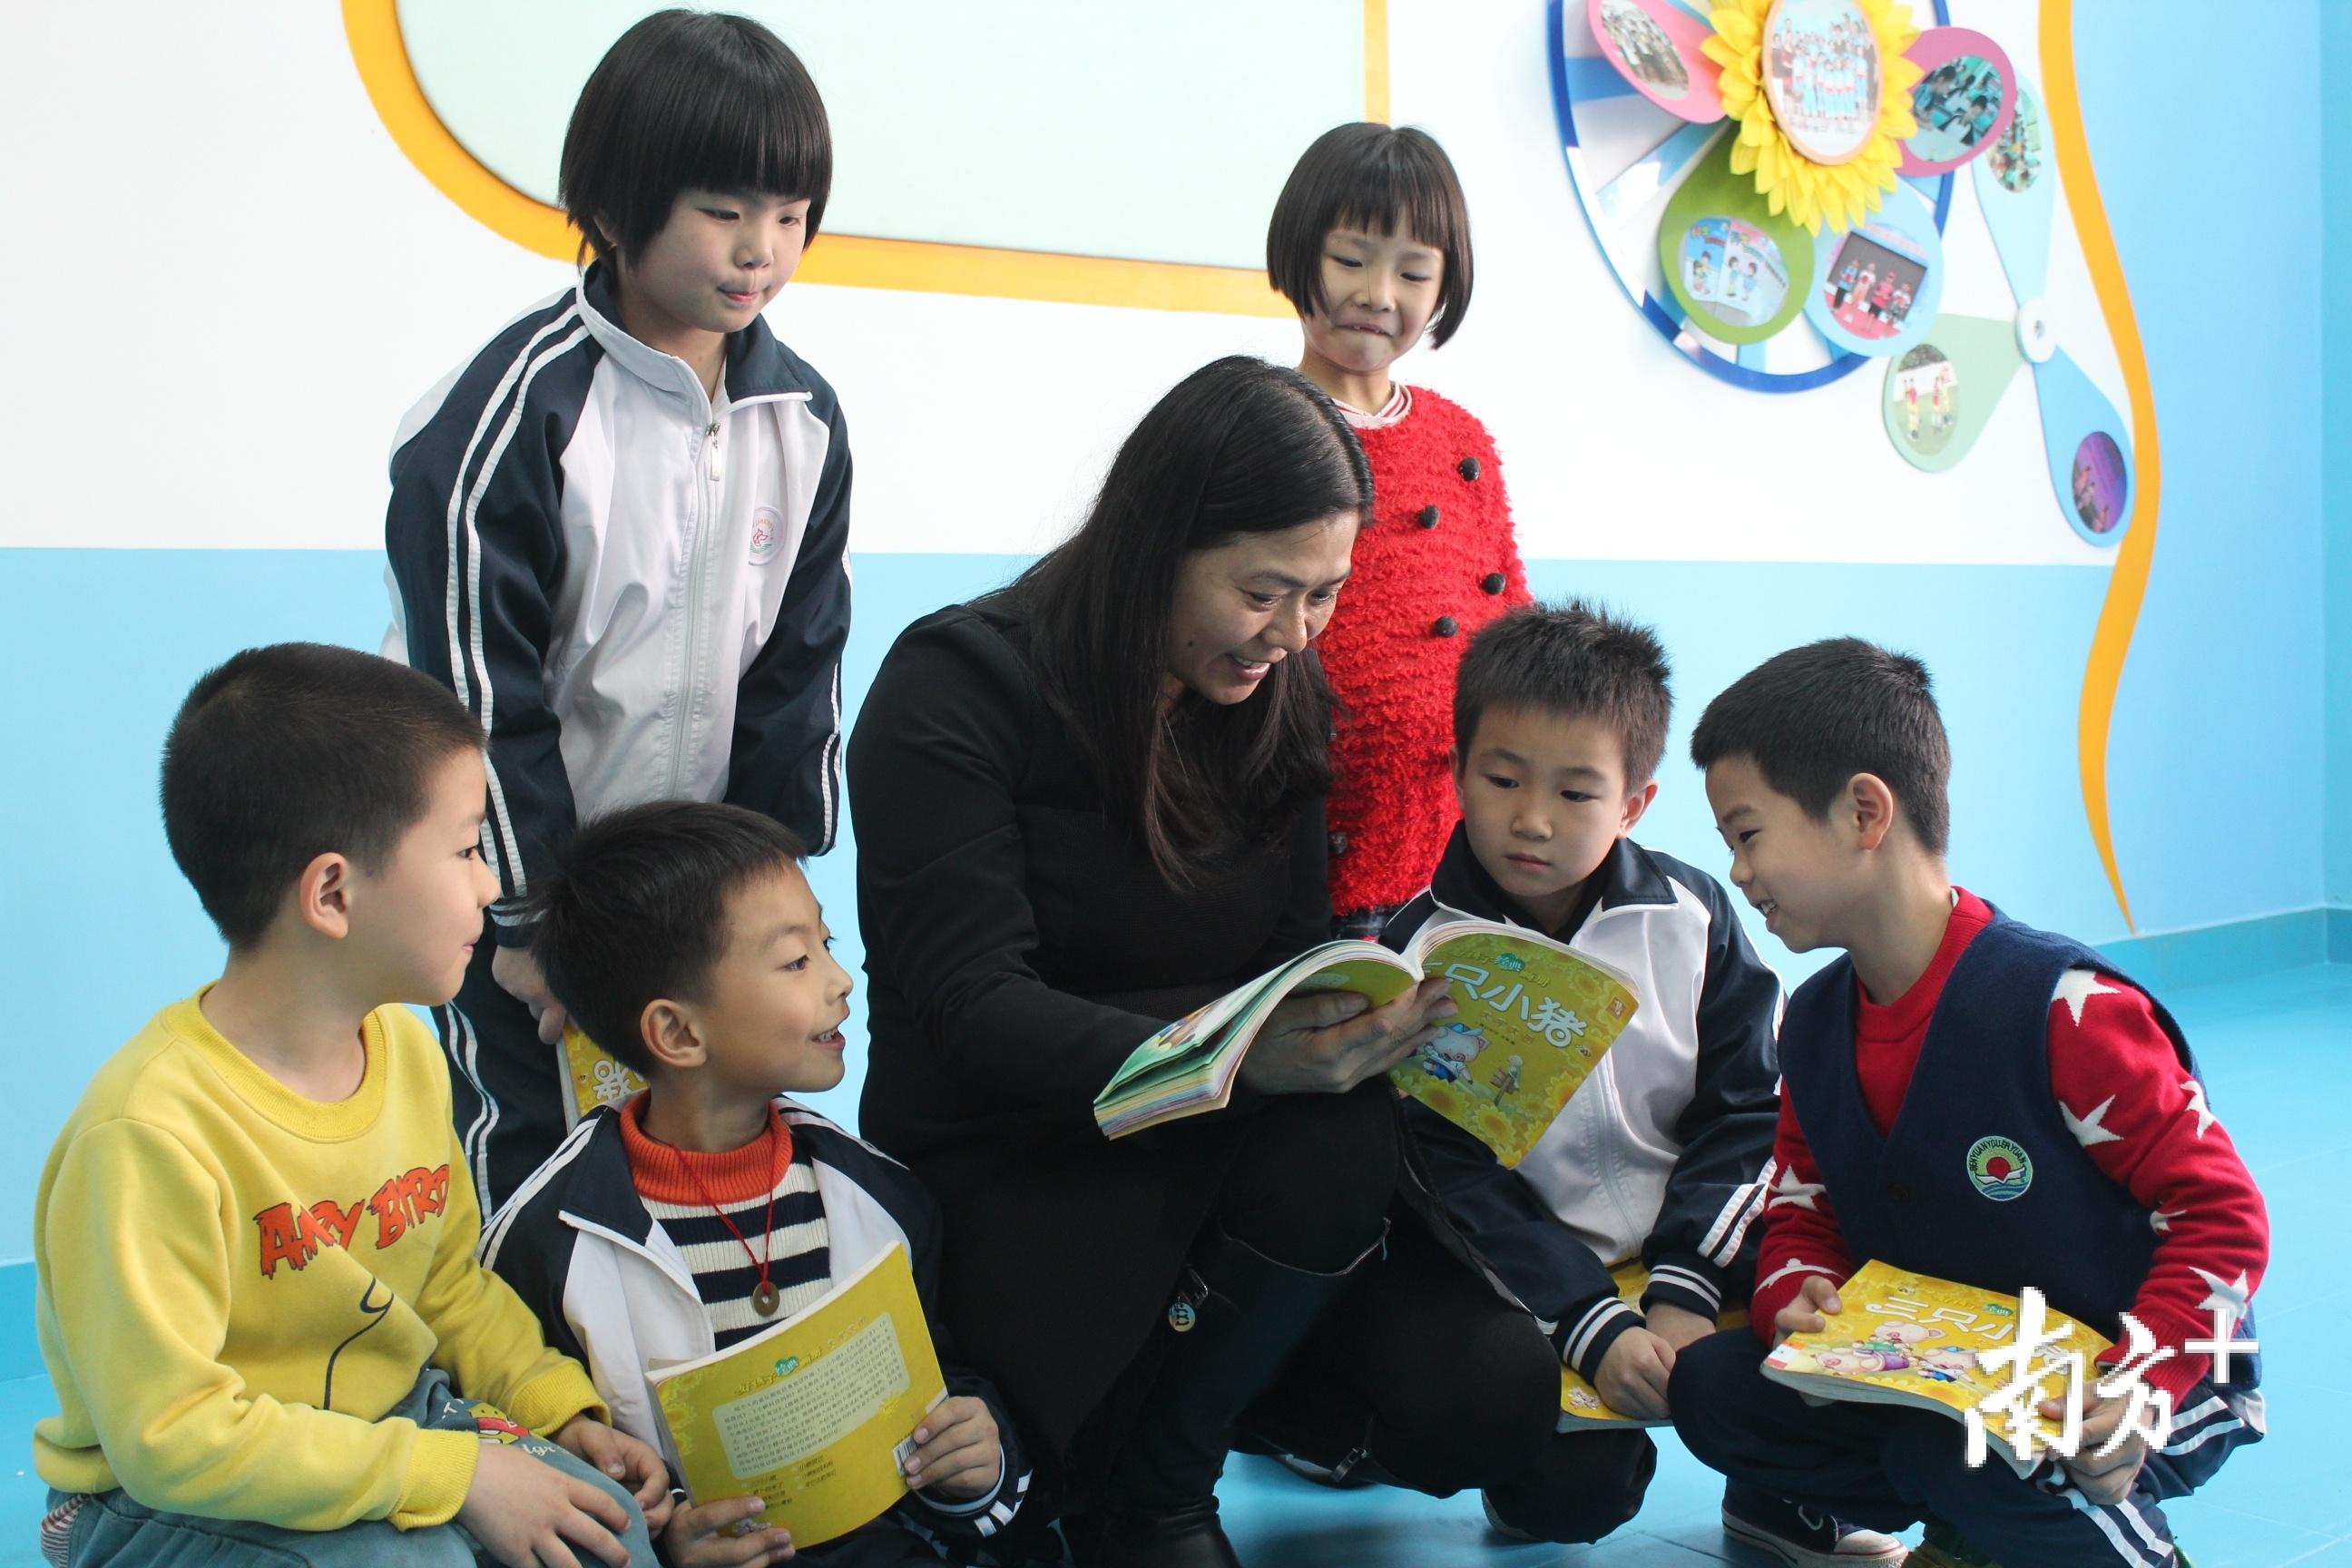 对每一个学生,杨荣林都给予了无微不至的关怀。